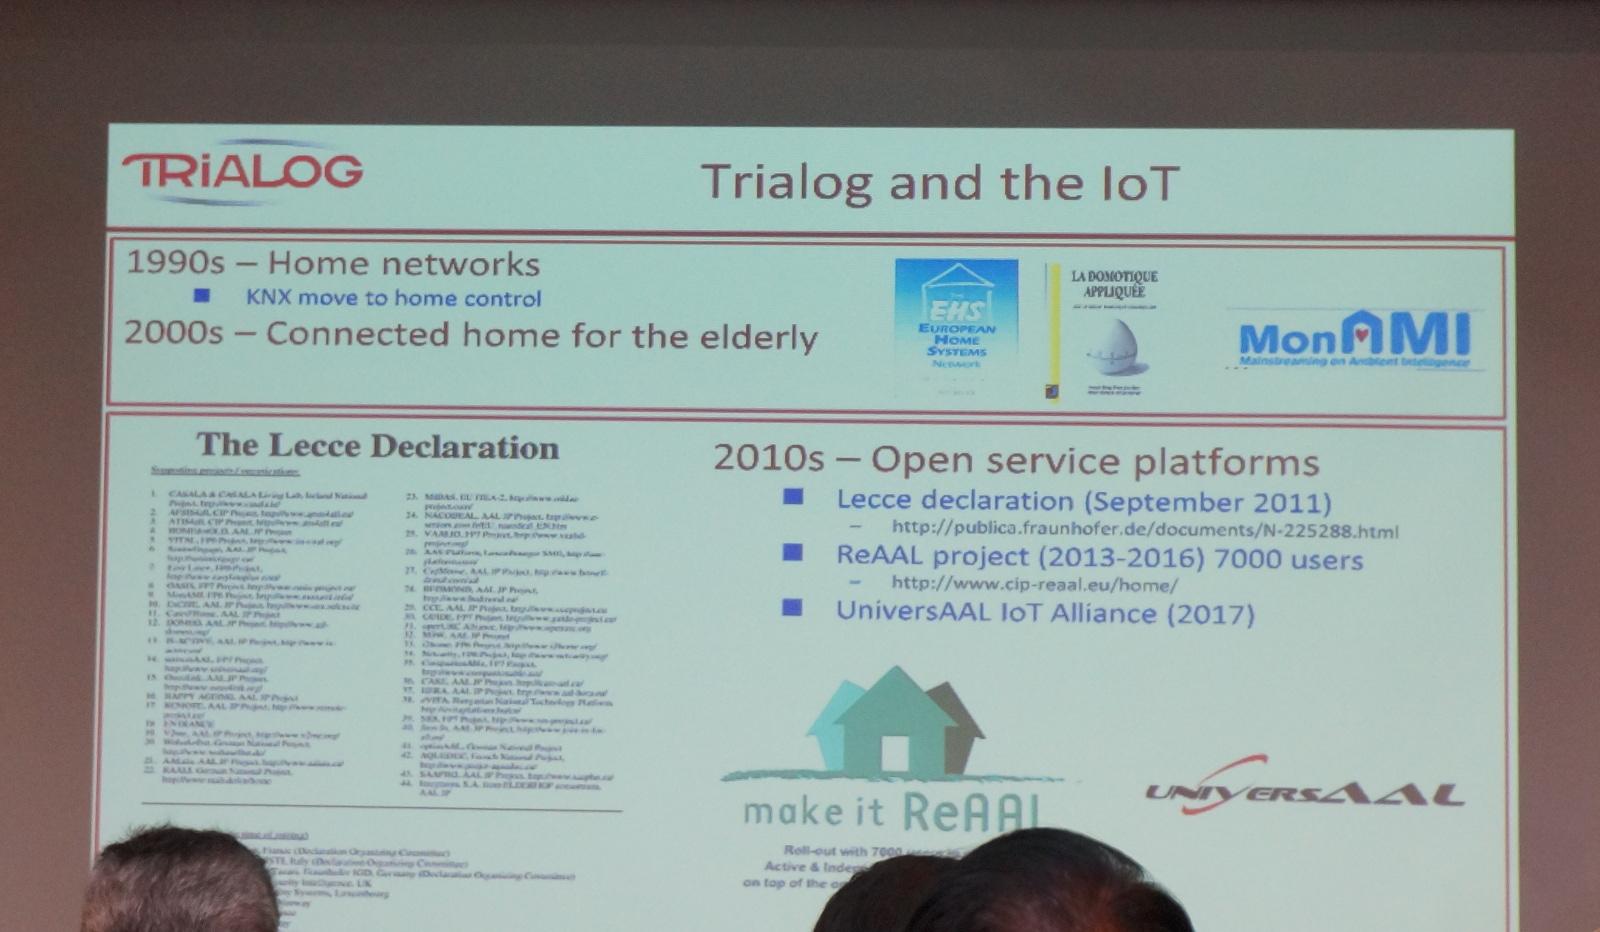 TRiAlog-IoT-Platform